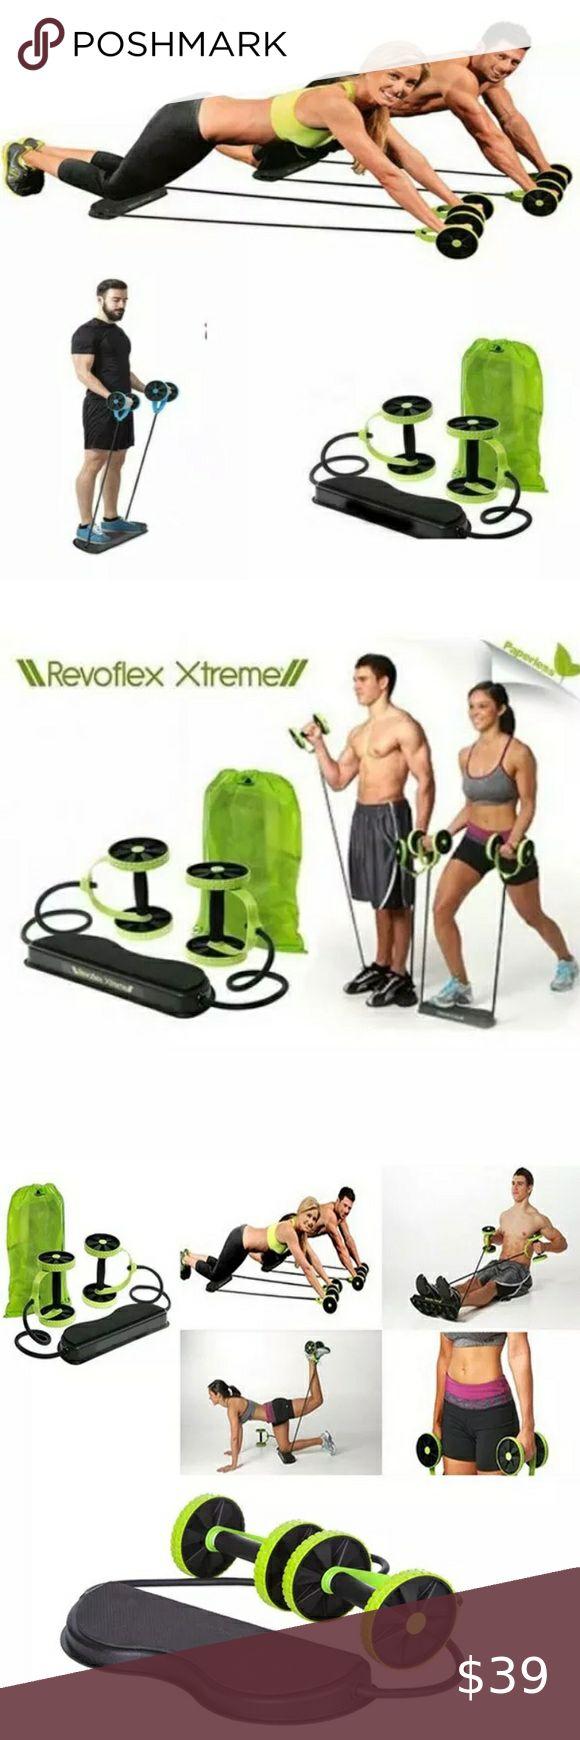 Revoflex Xtreme Abdominal Workout Kit Abdominal Exercises Workout Daily Workout